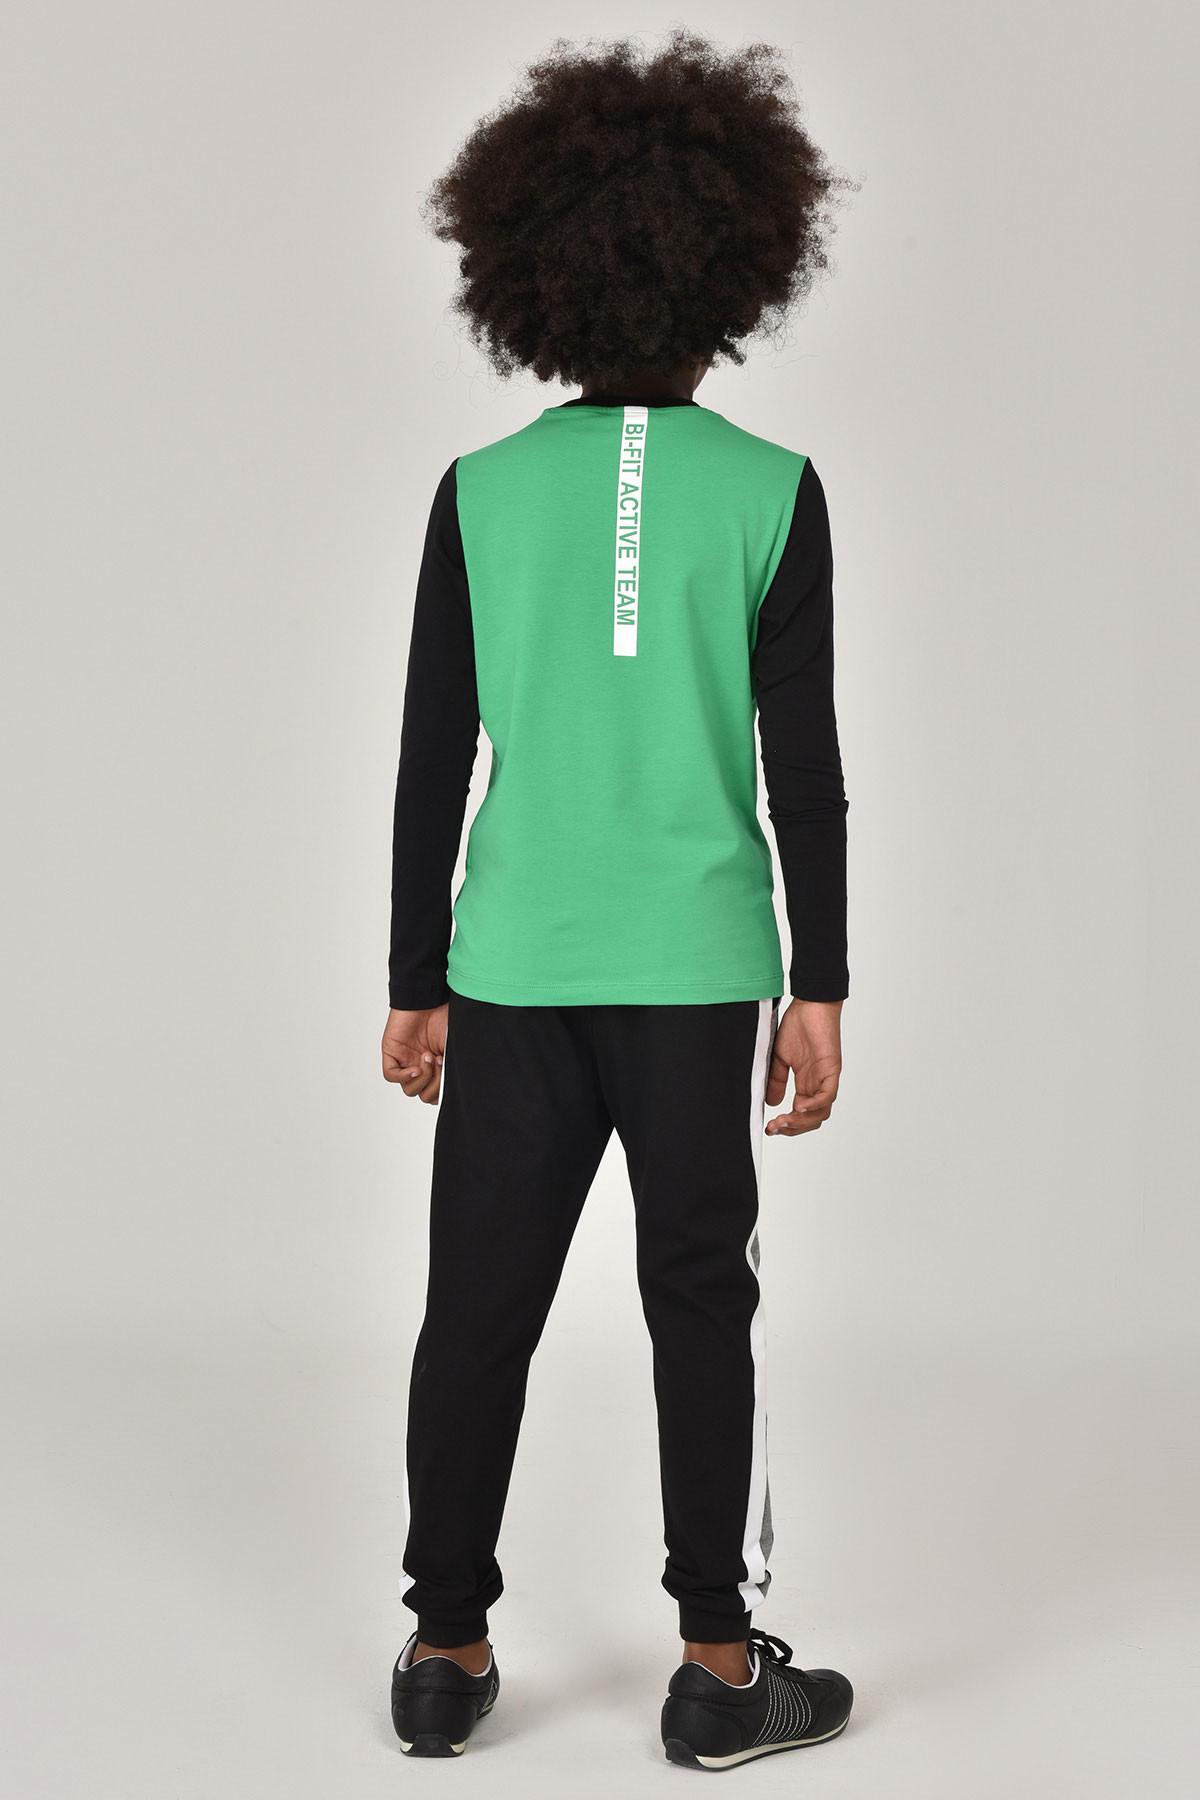 Bilcee Yeşil Unisex Uzun Kol Çocuk T-Shirt FW-1487 BİLCEE